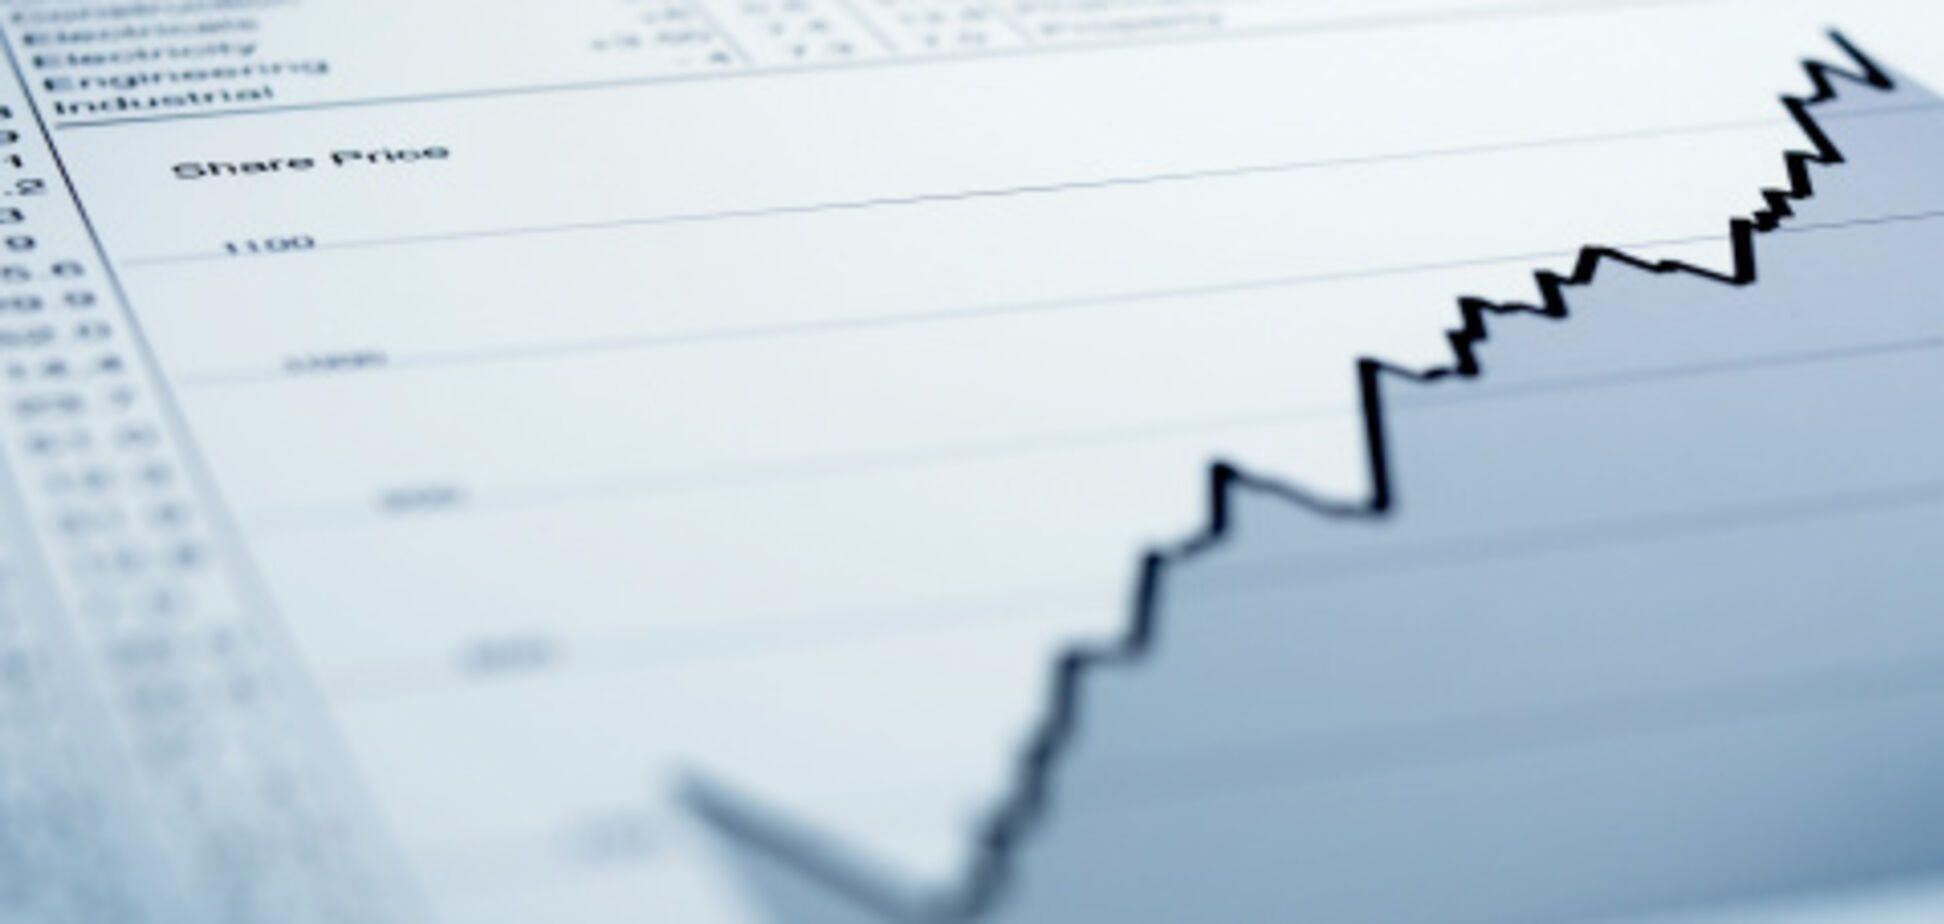 Кредитори 'Дельта банку' втратили 24,5 млрд грн